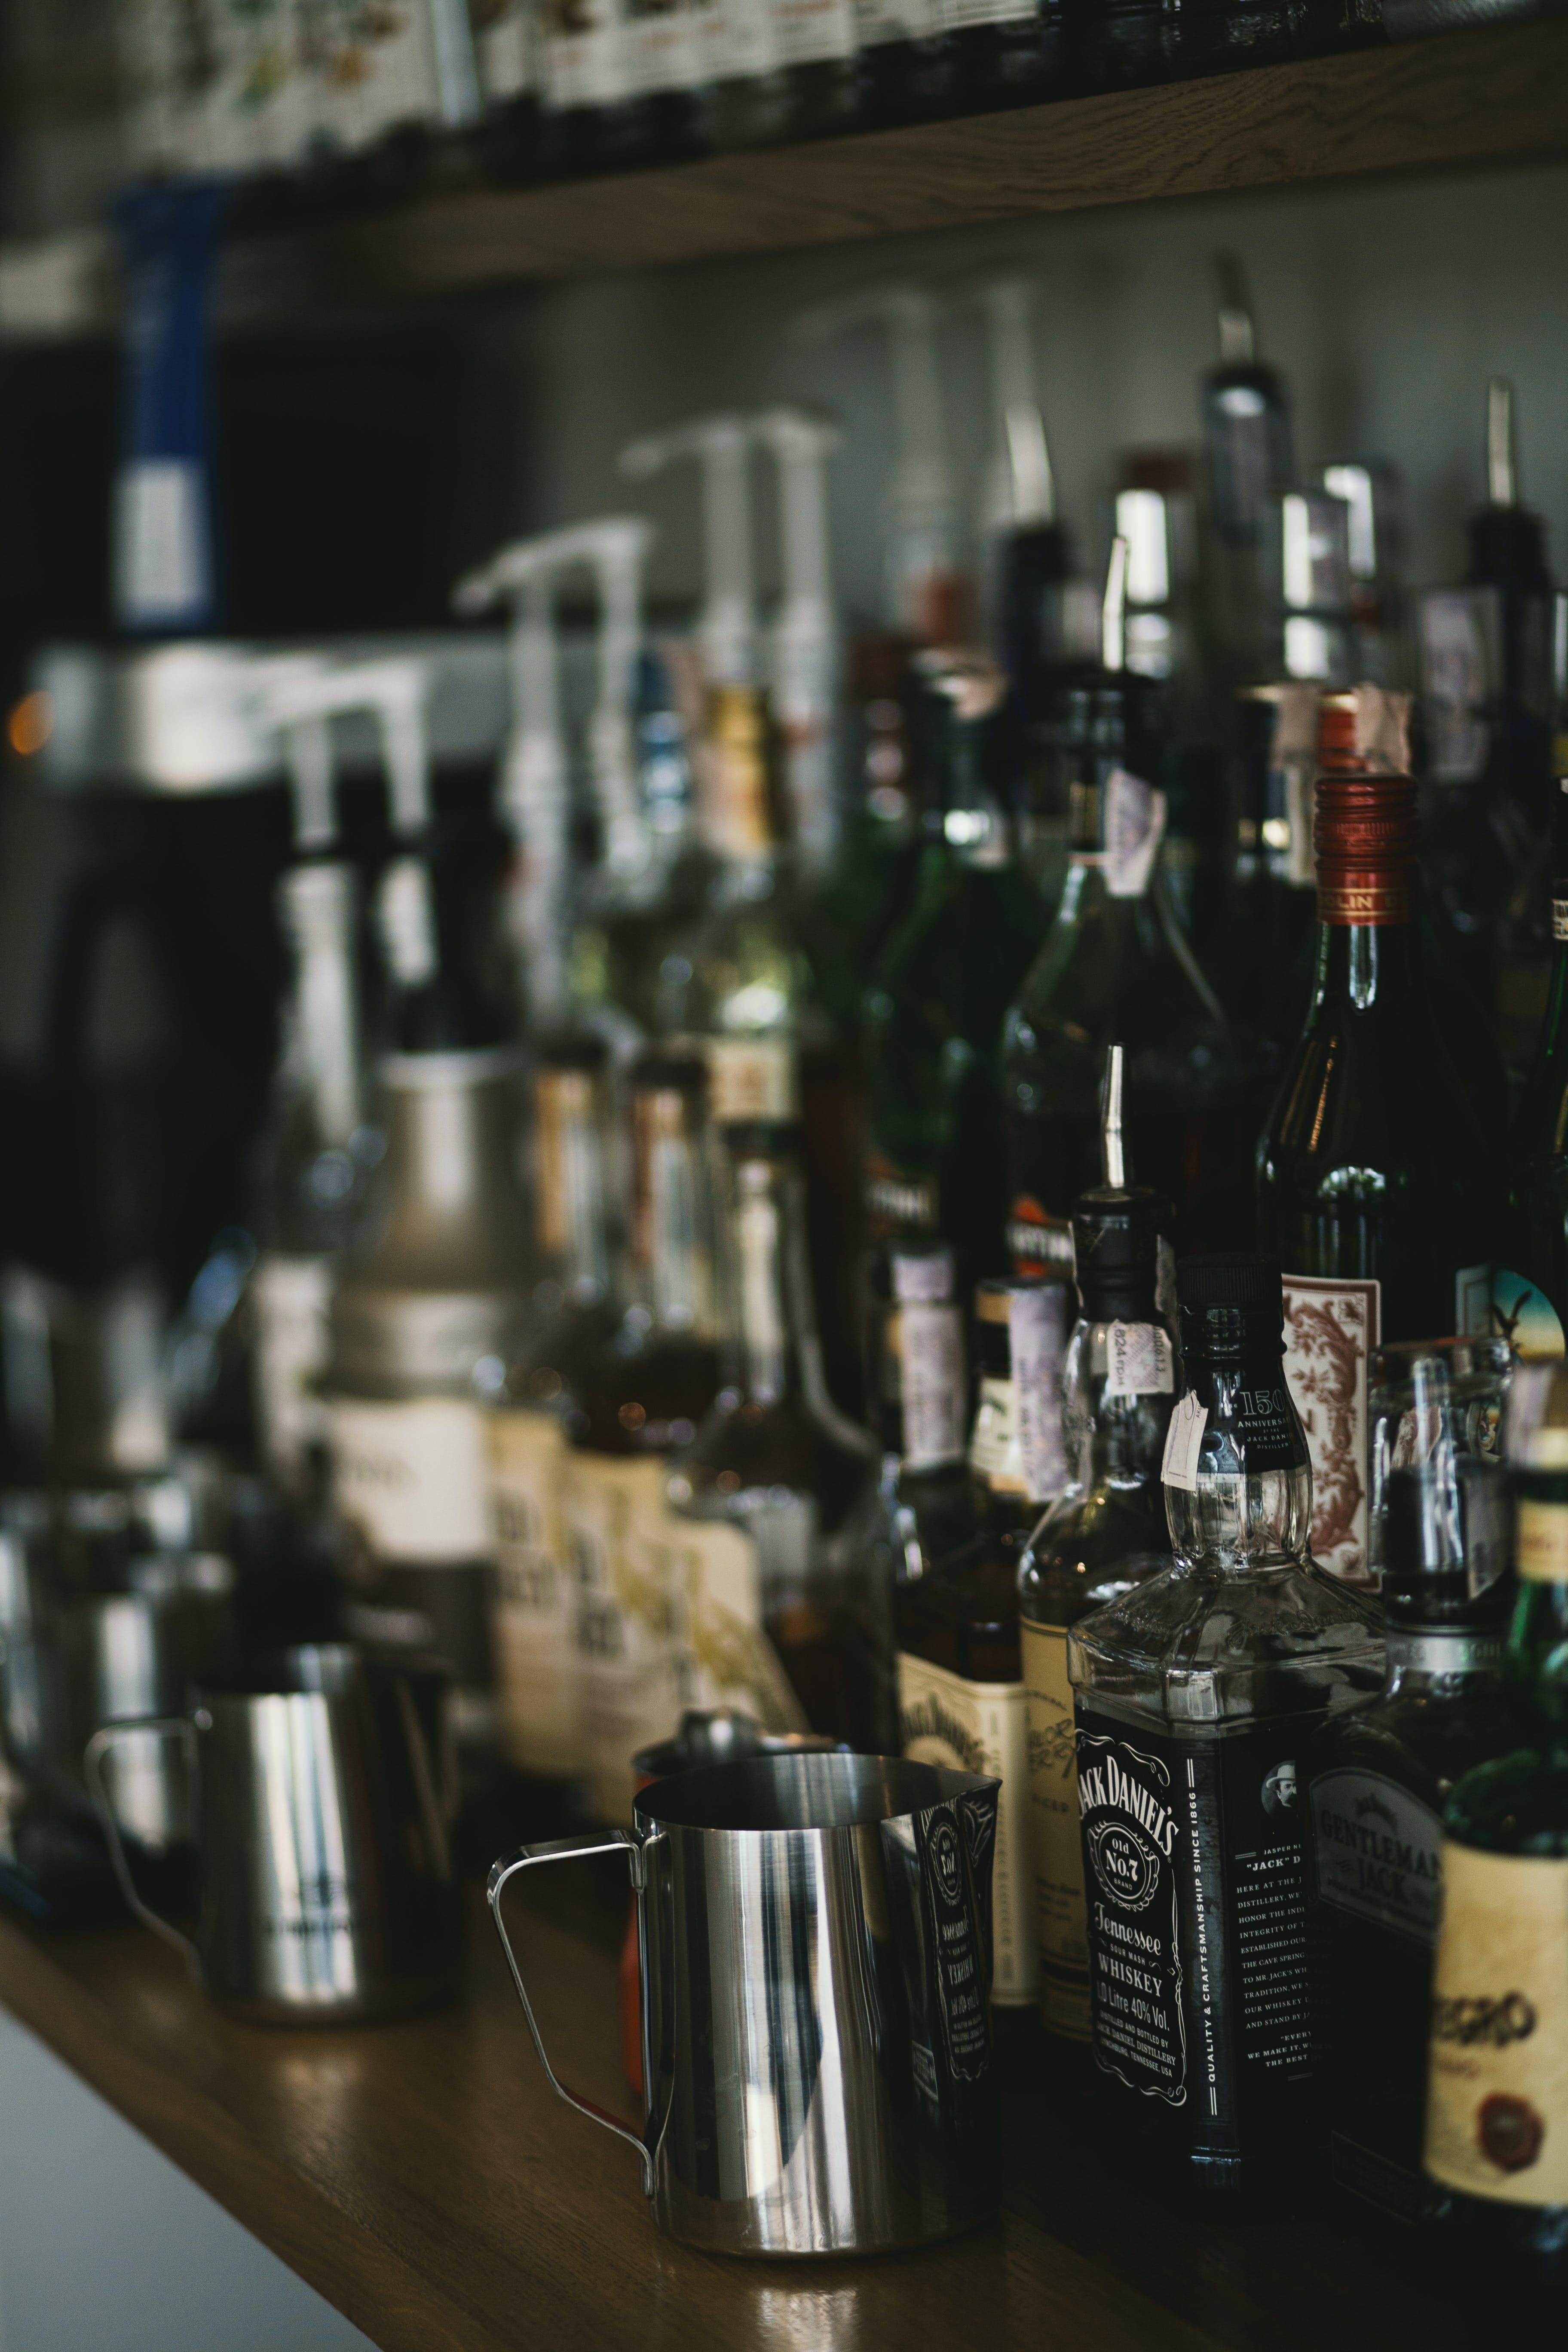 acción, adentro, alcohol